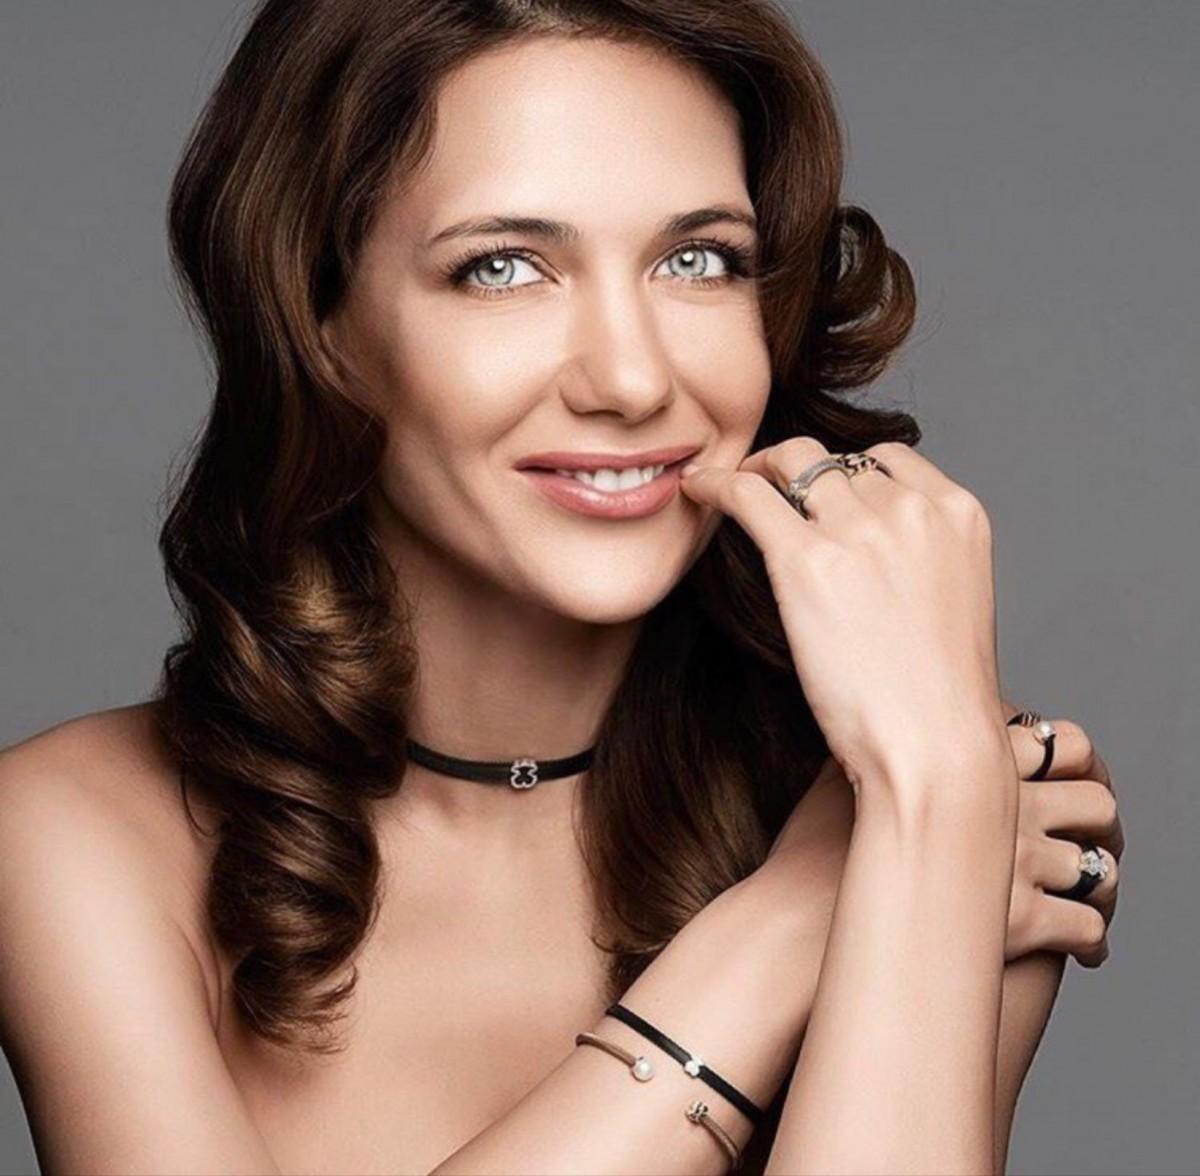 сентябре русские актрисы фото высокой четкости явление появилось как